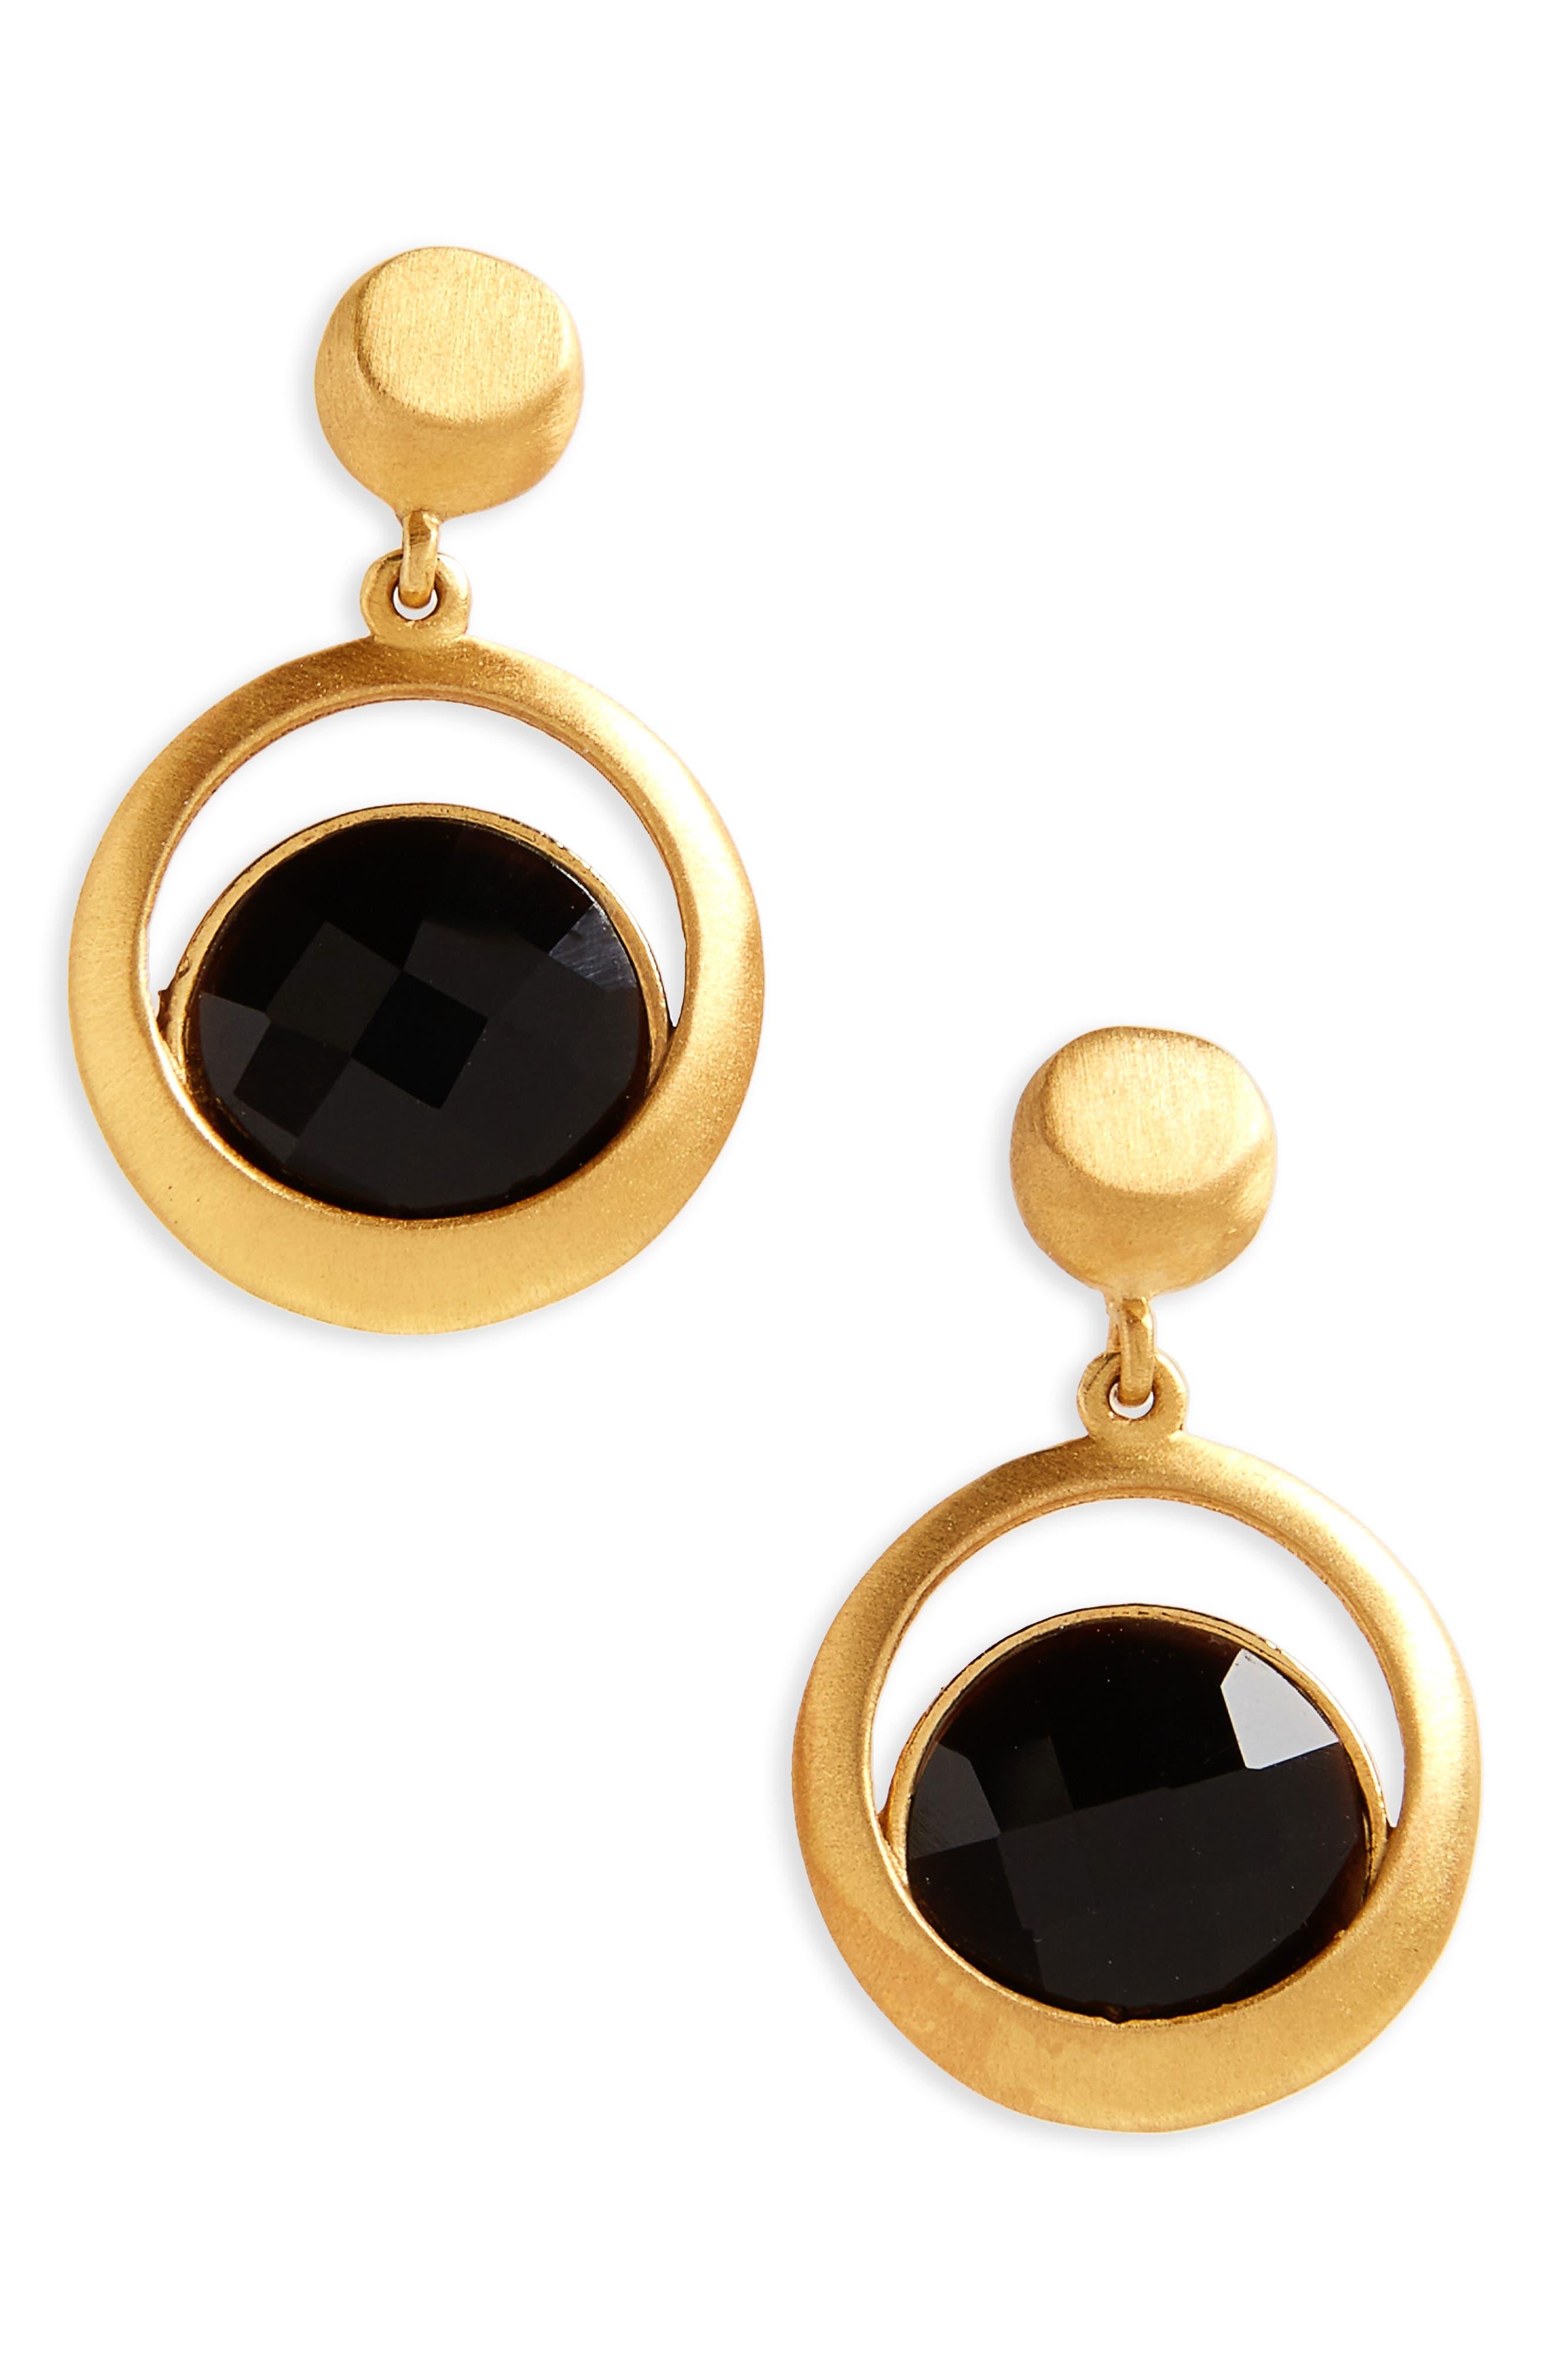 Lapa Semiprecious Stone Drop Earrings,                             Main thumbnail 1, color,